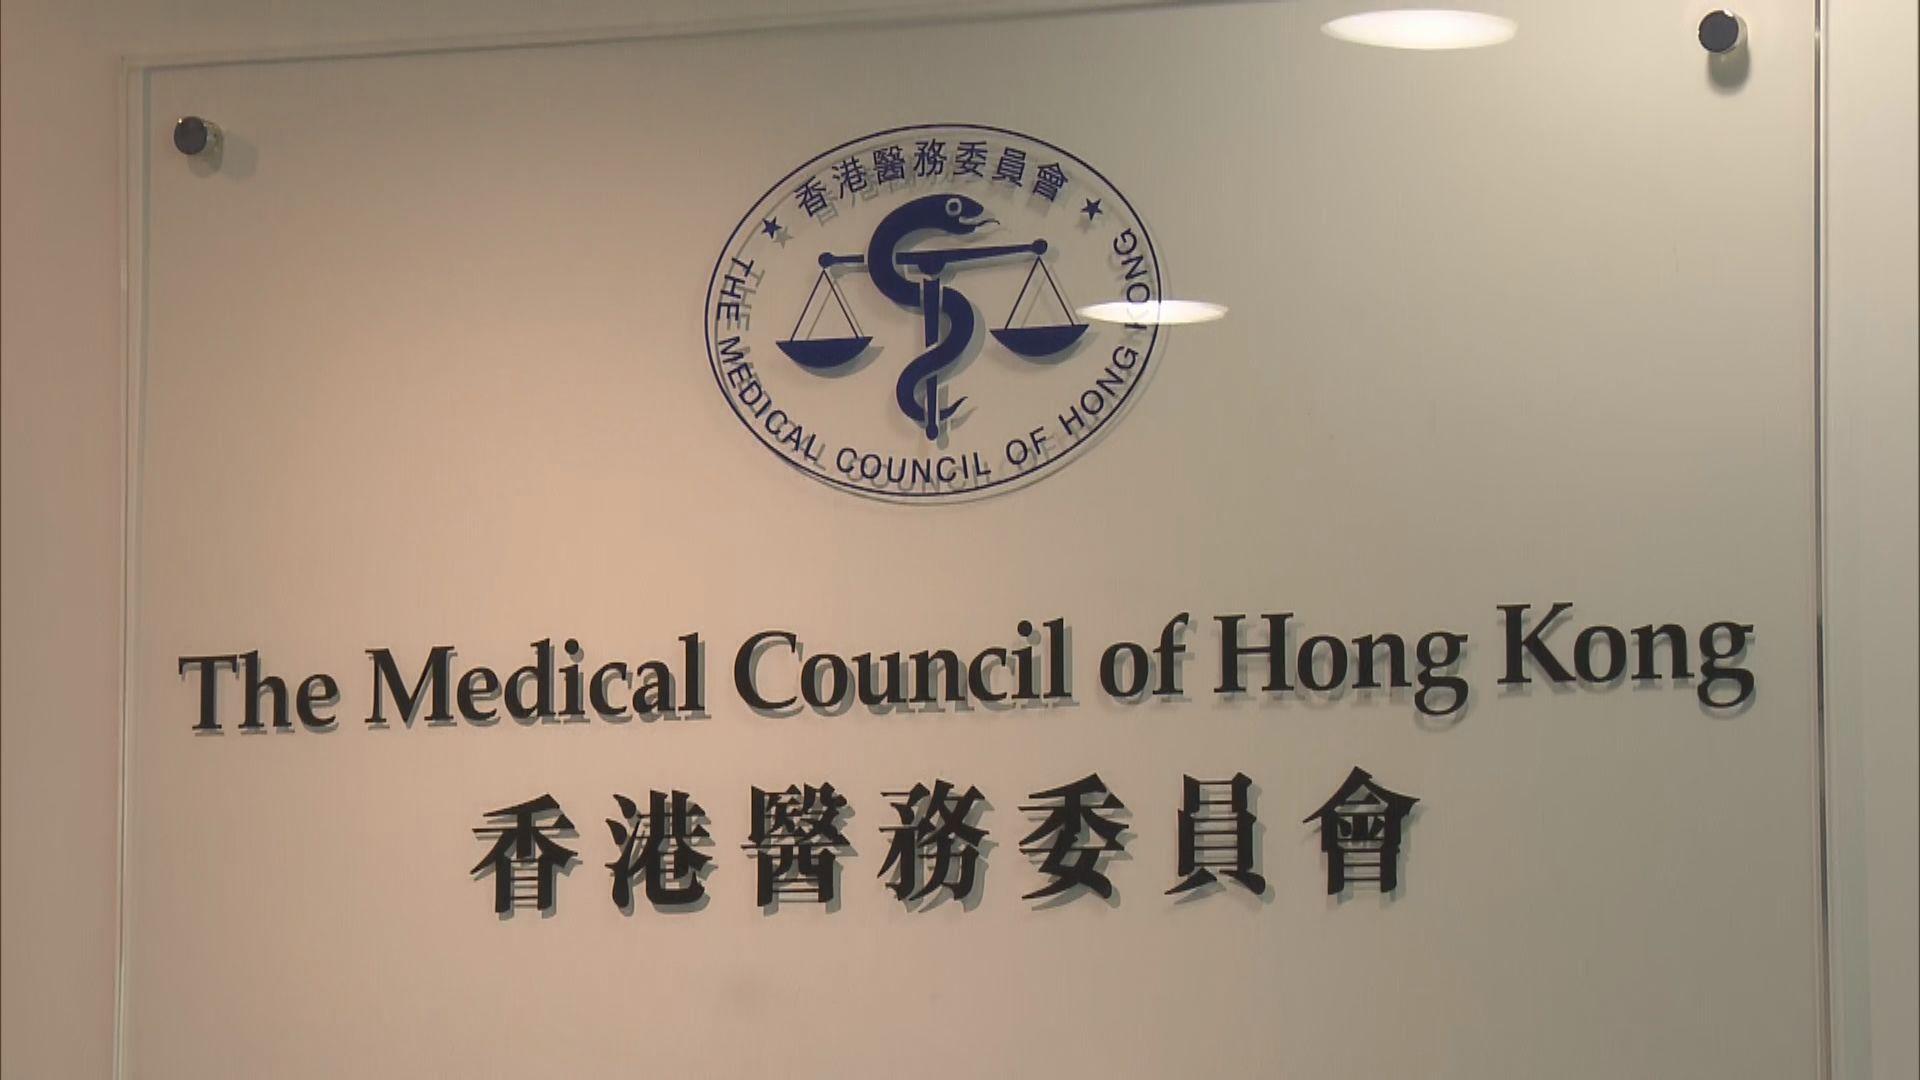 兩名瑪麗醫院醫生被控兩項專業失德